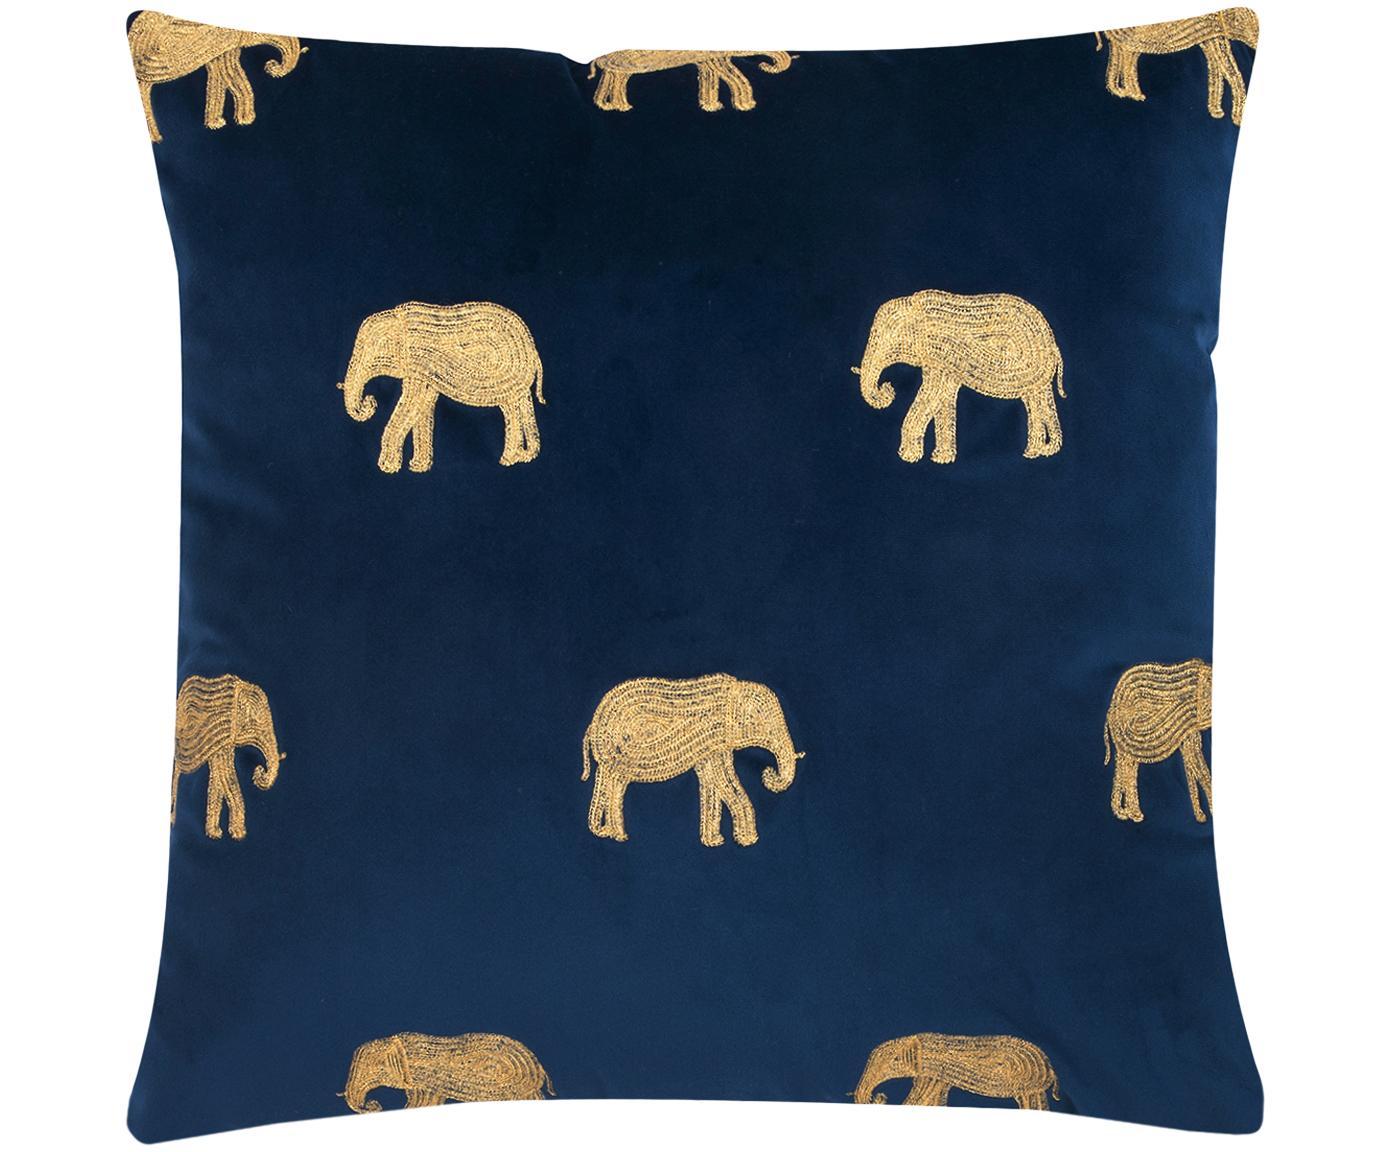 Haftowana poszewka na poduszkę z aksamitu Elefco, Aksamit poliestrowy, Ciemny niebieski, odcienie złotego, S 40 x D 40 cm